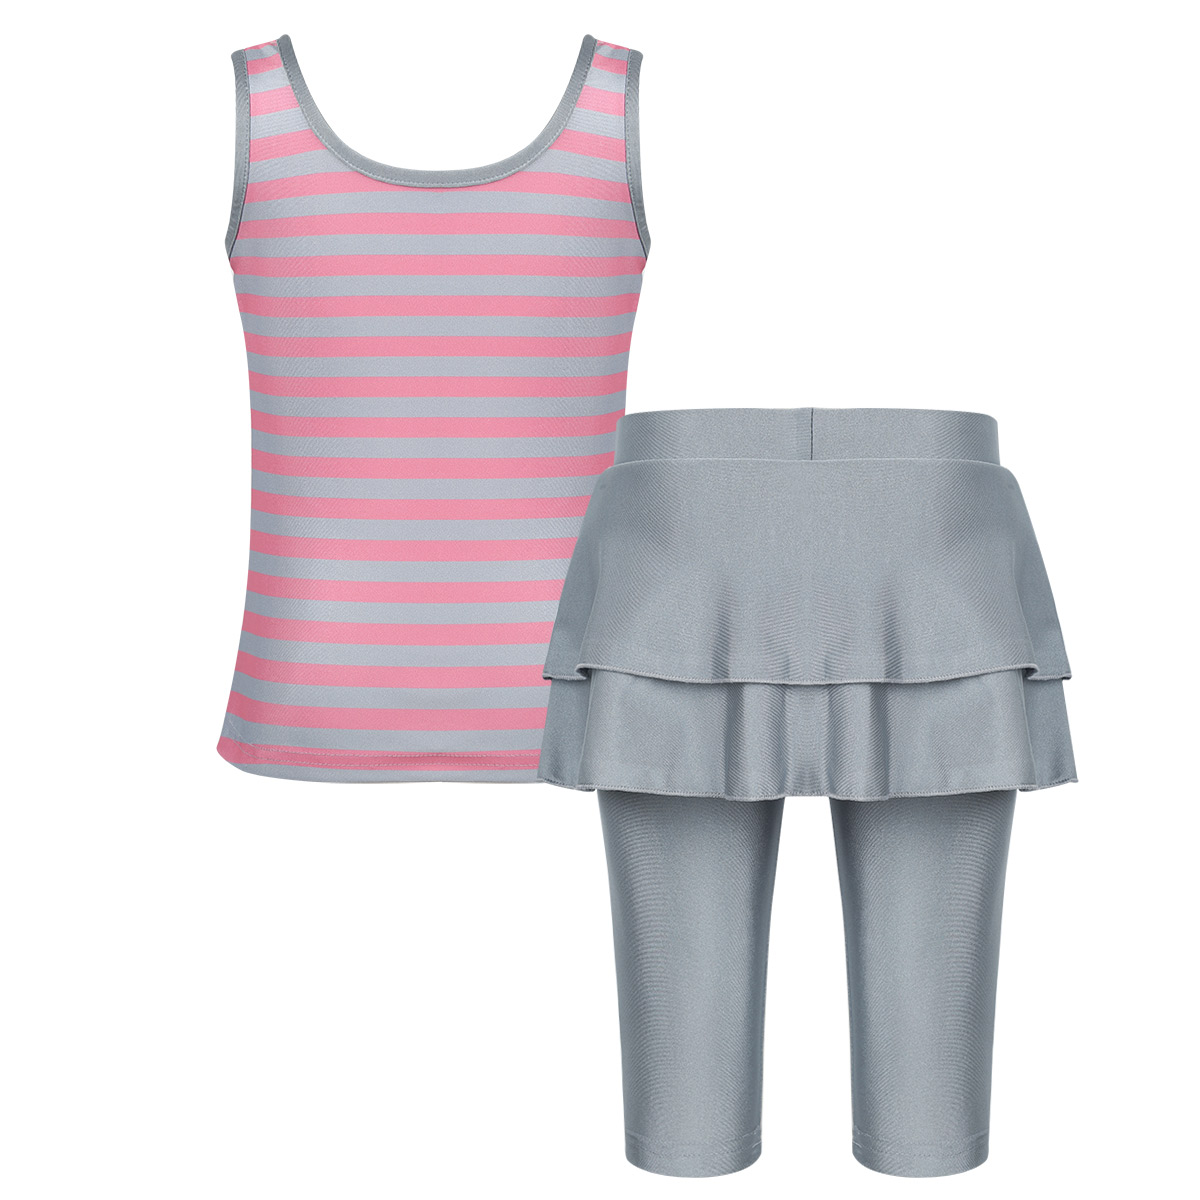 Girls Muslim Swimwears Islamic Children Two-piece Sleeveless Stripe Swimsuits Arab Islam Beach Wear Swim Suits Burkinis Swimwear